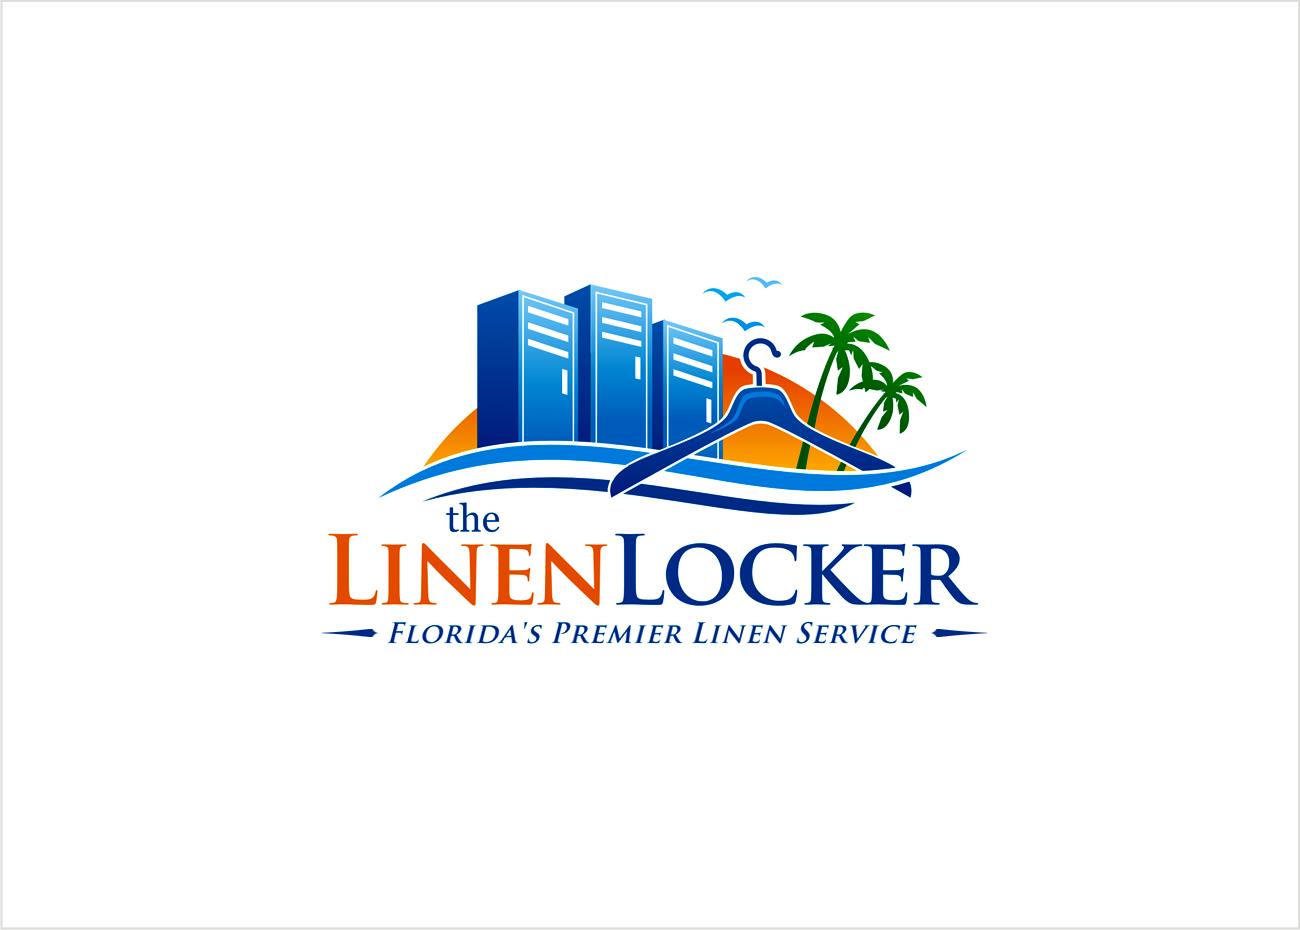 Create the next logo for The Linen Locker